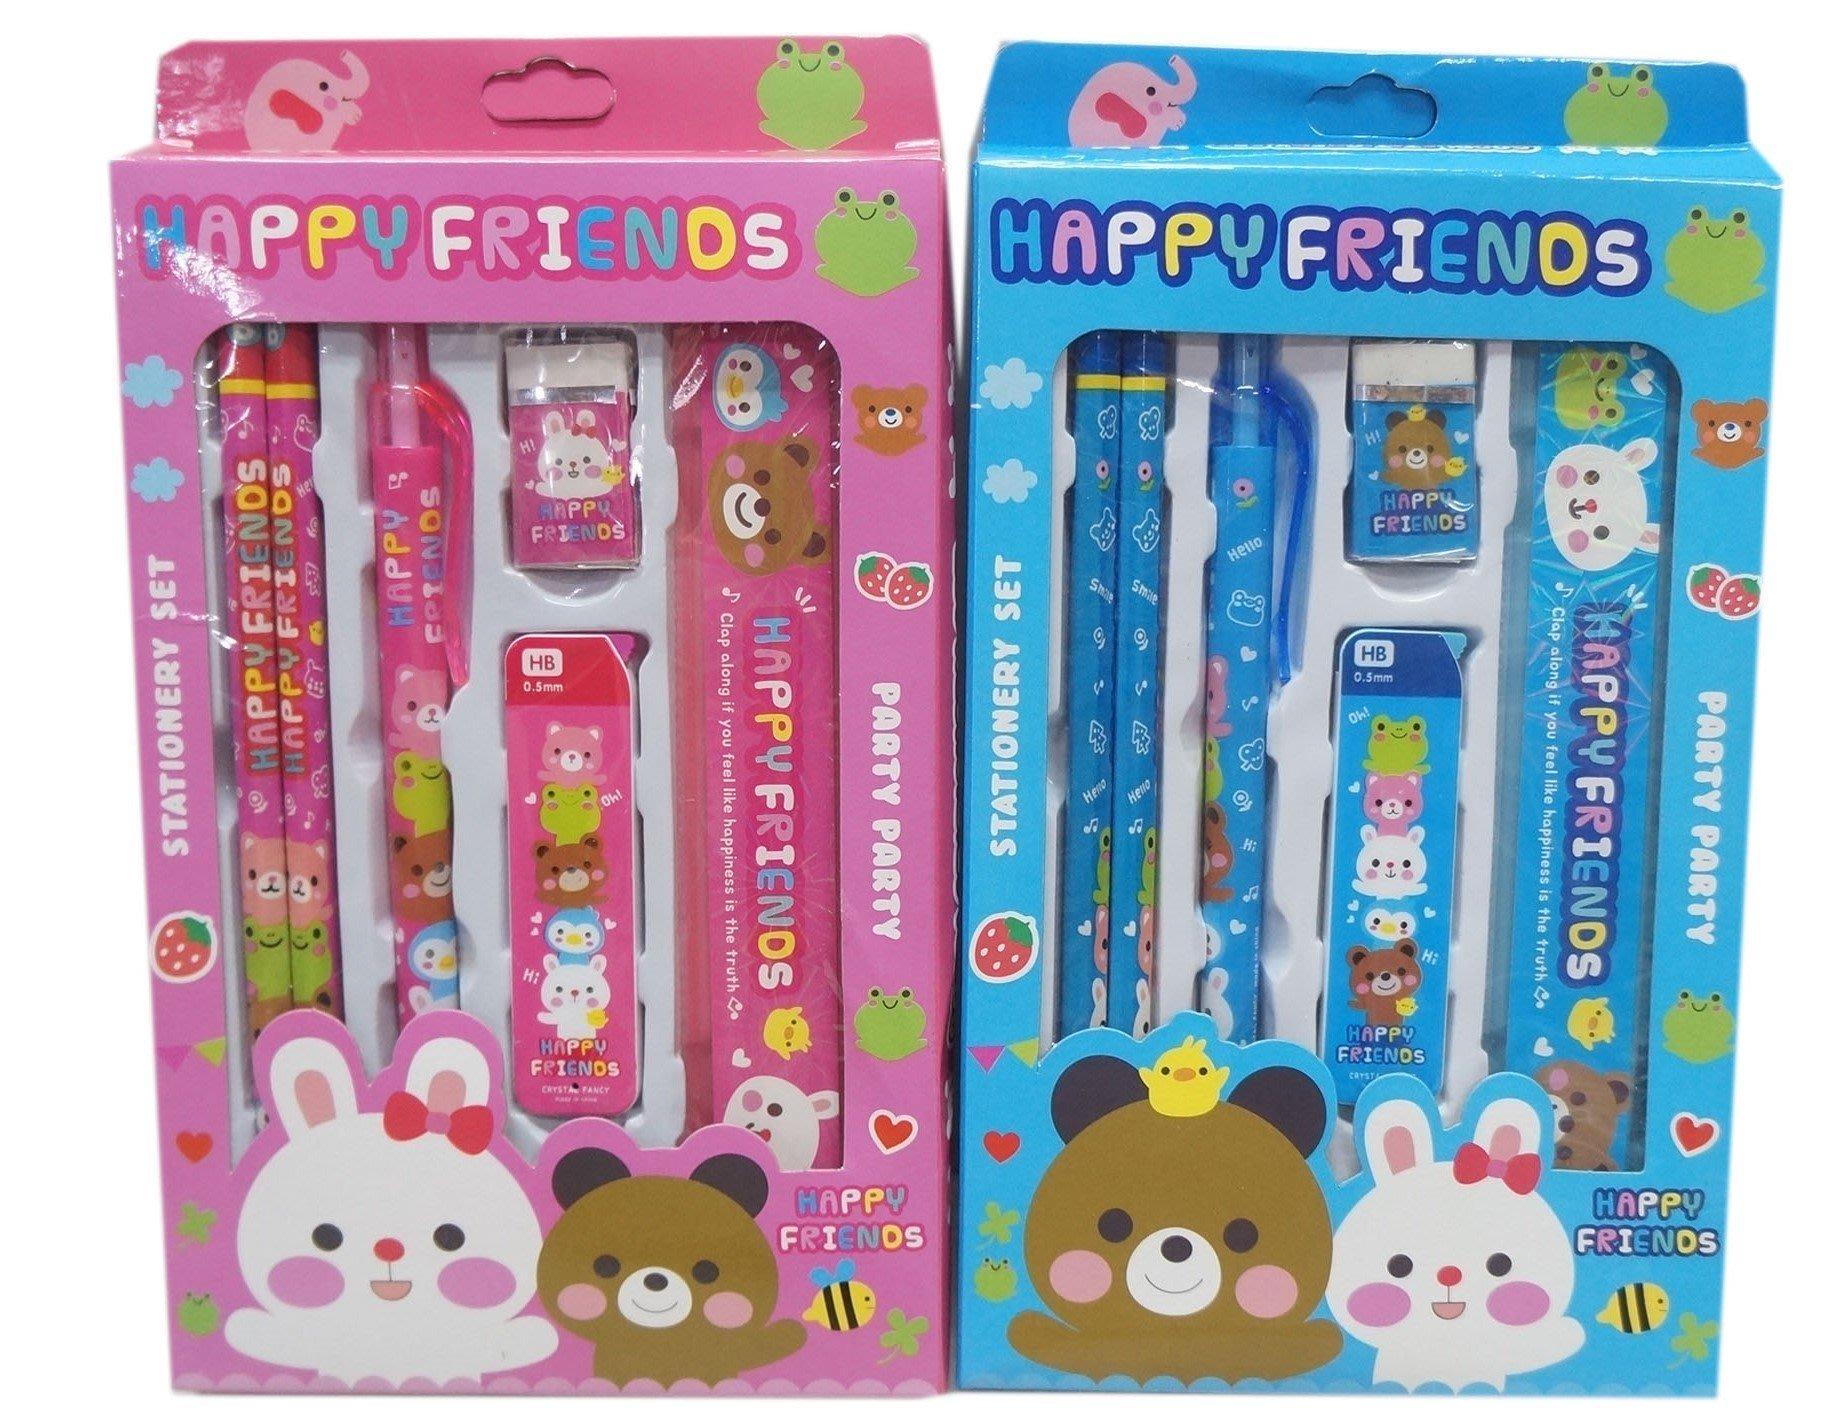 佳佳玩具 -----  韓版 文具 鉛筆 橡皮擦 套裝 6件組 禮品 禮物 贈品 幼教 【XF5388】